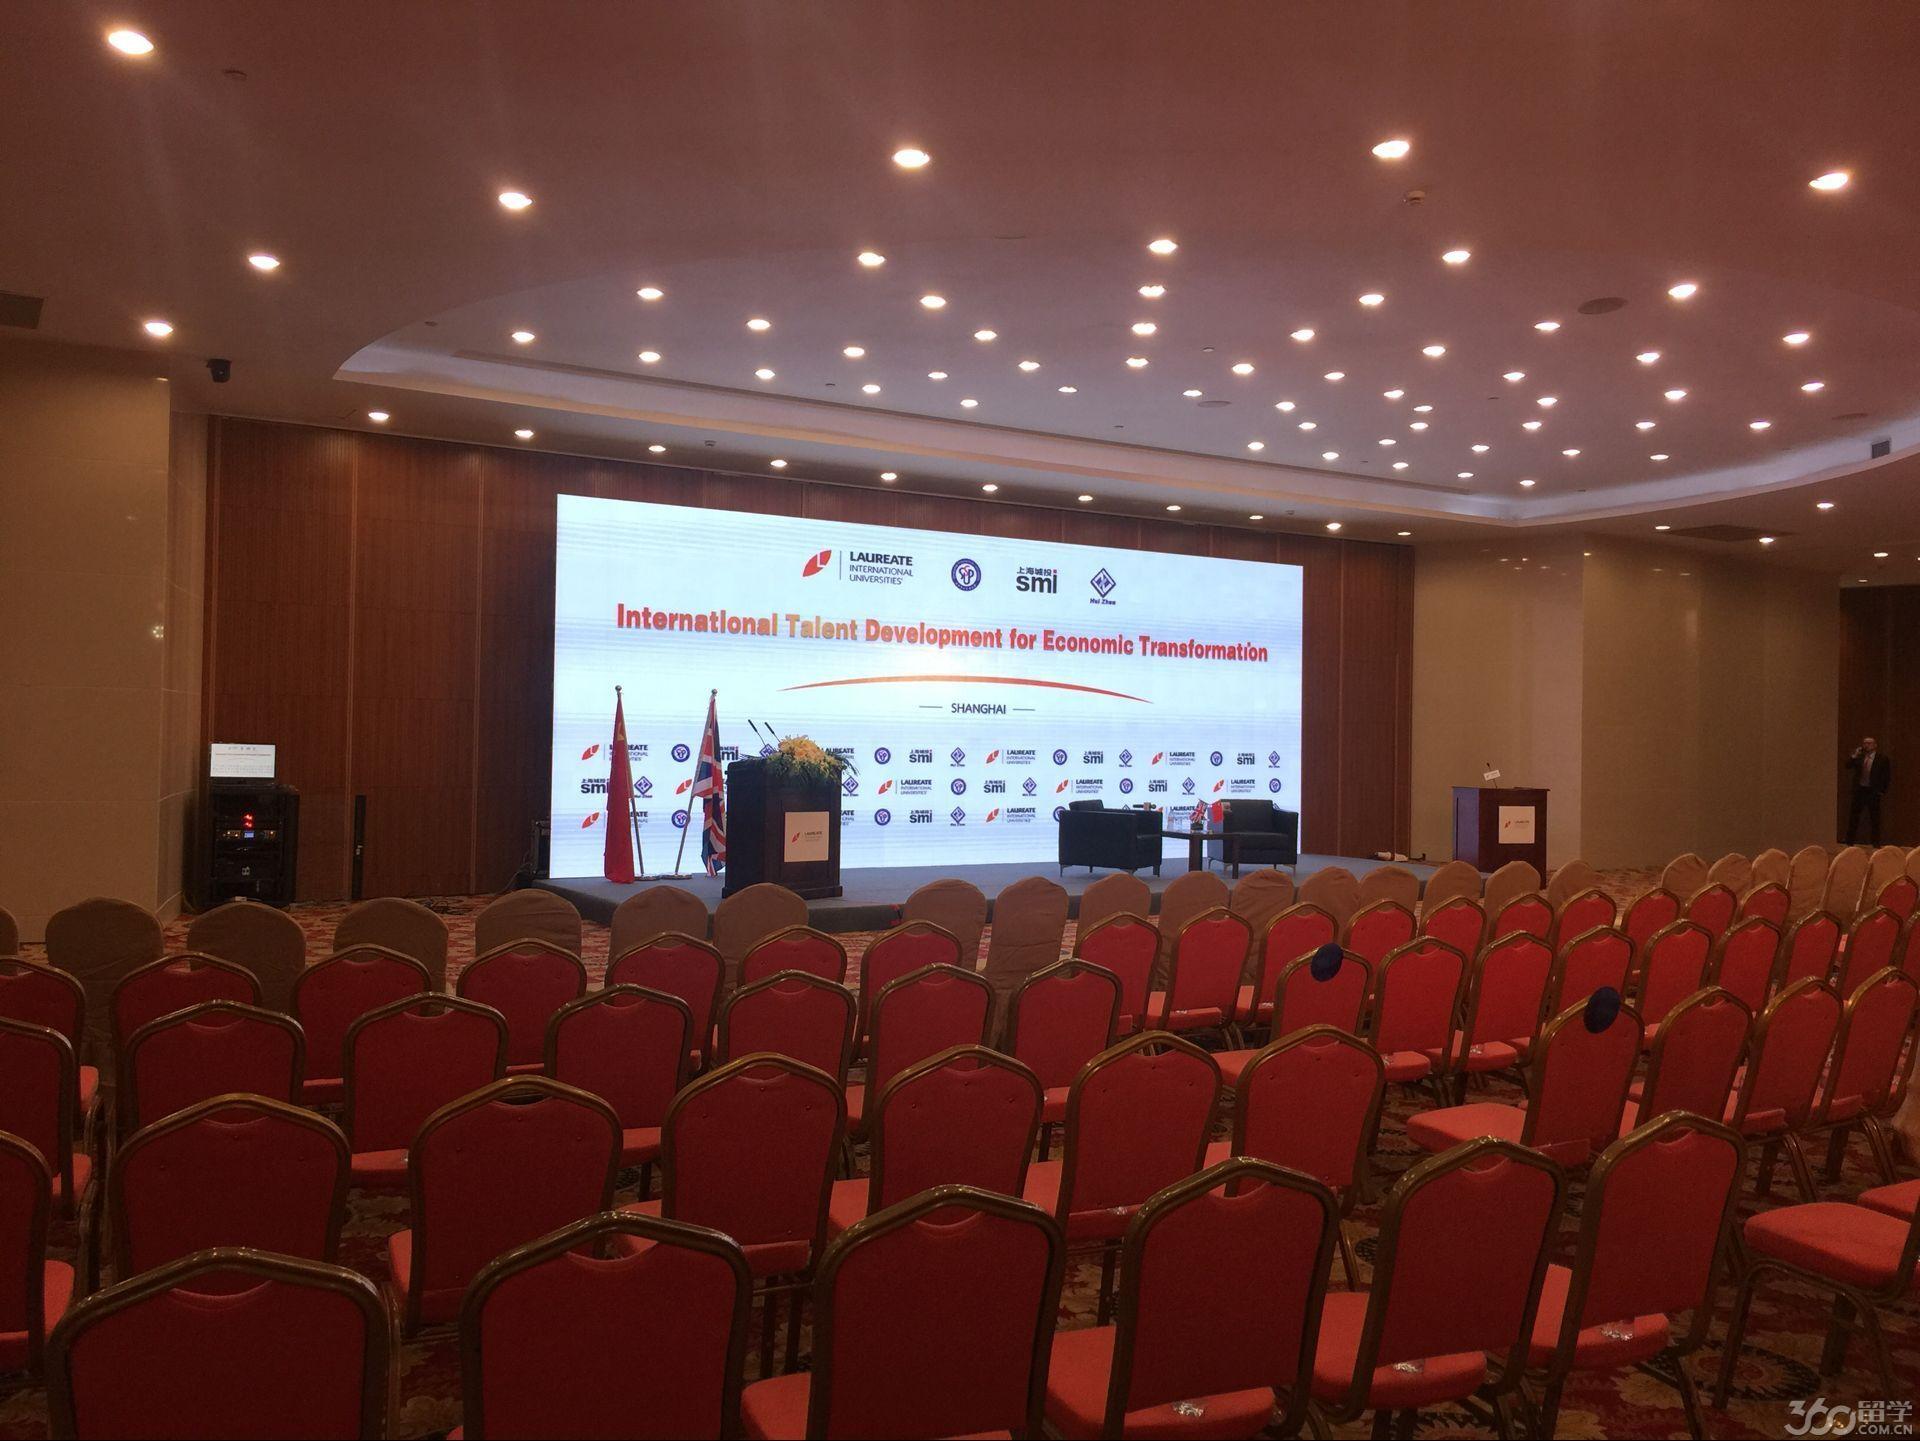 留学360高管会晤英国前首相克莱尔 探讨全球留学市场